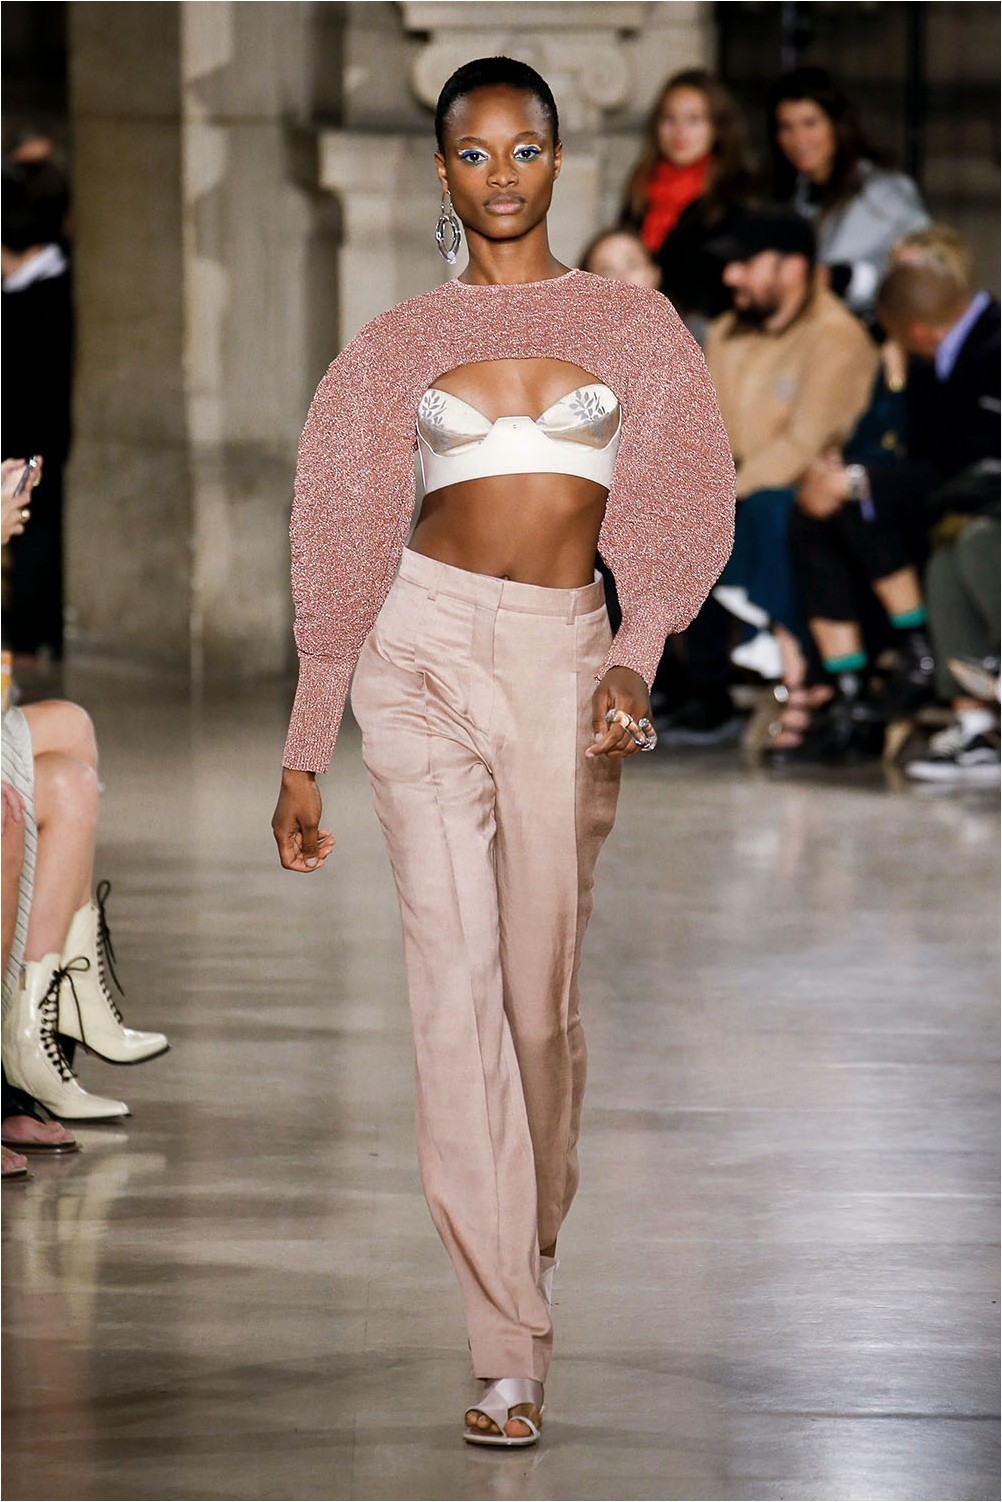 Dress pants by Esteban Cortazar